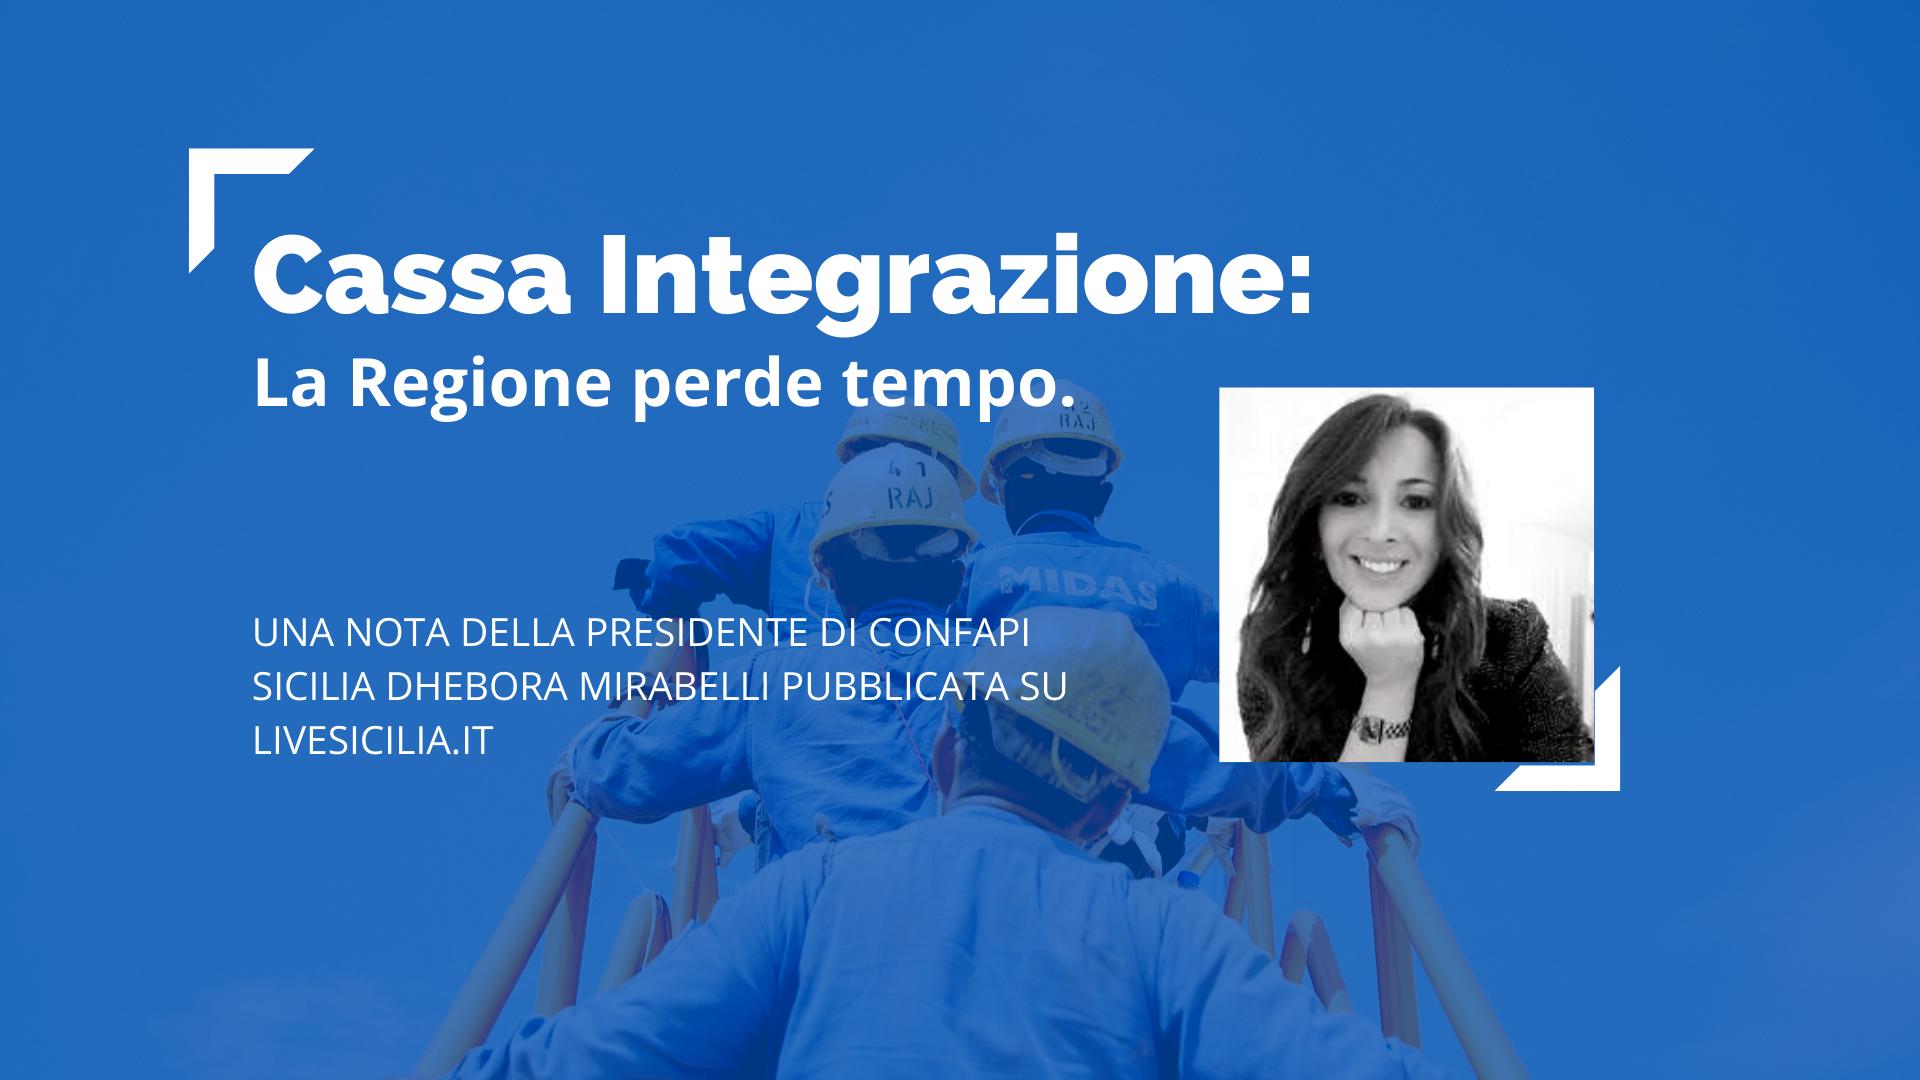 Cassa integrazione: la Regione perde tempo.